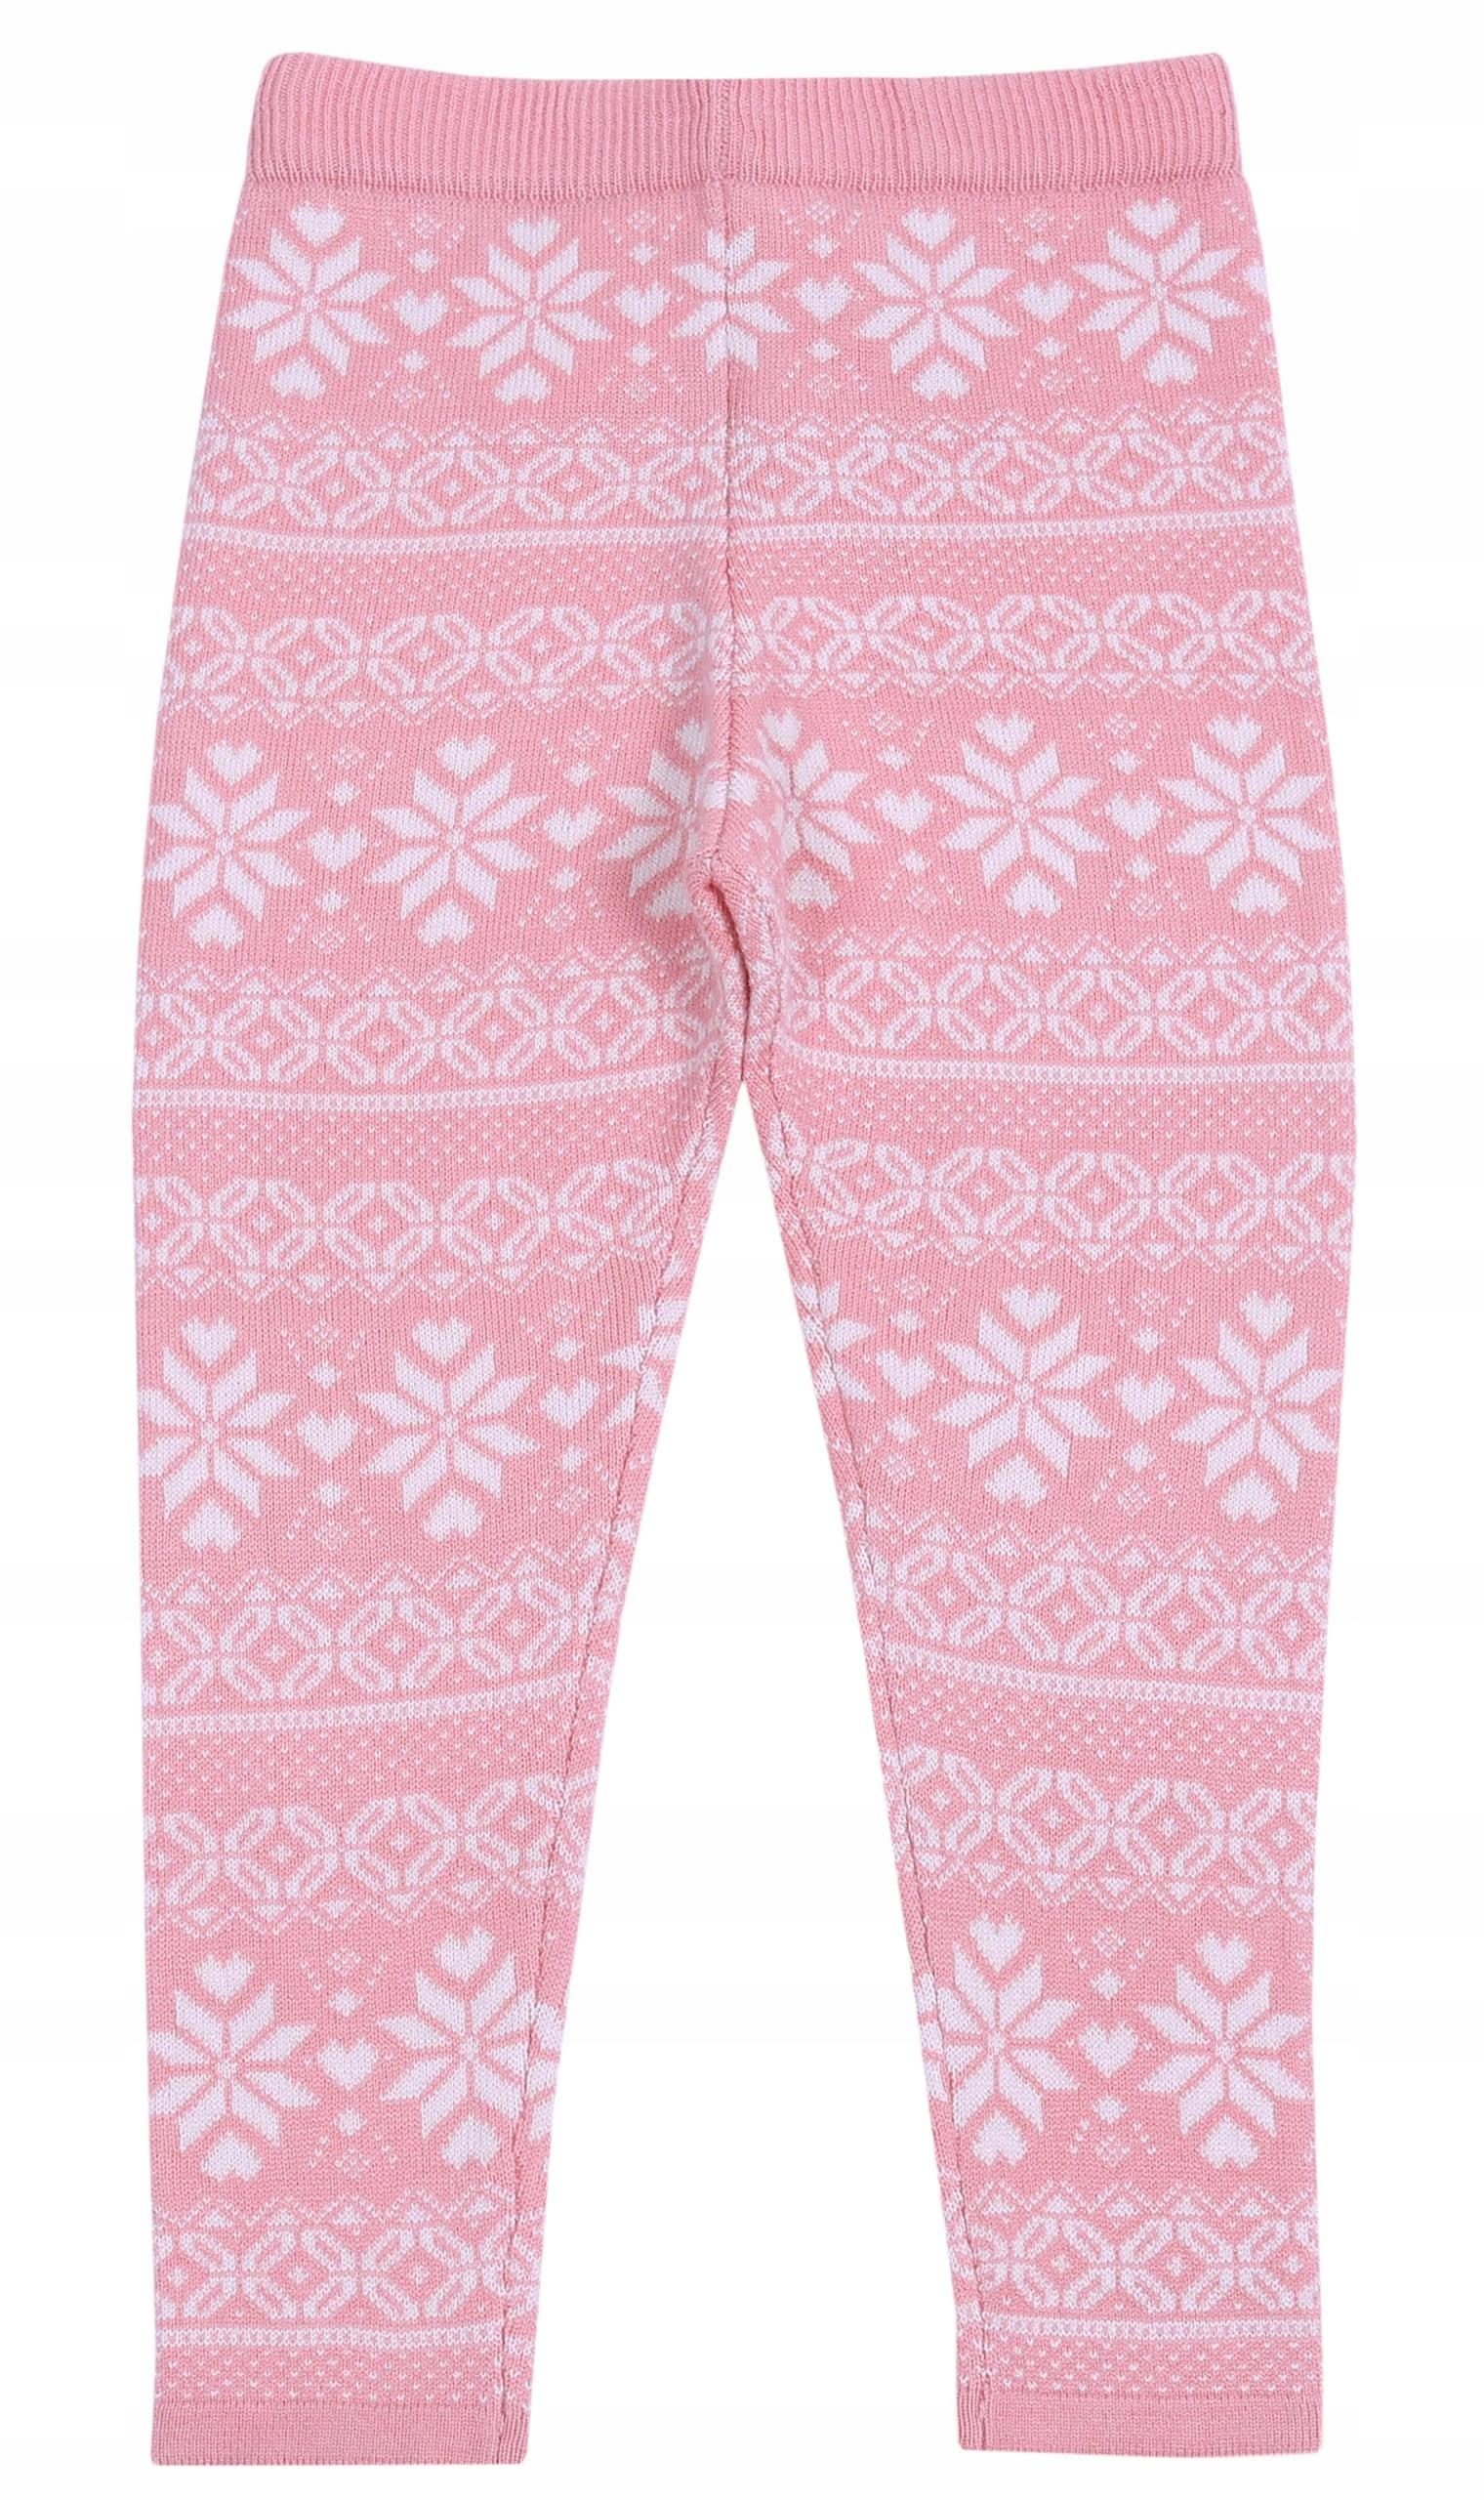 Ružová leg warmers v vzory PRIMARK 7-8 rokov 128 cm